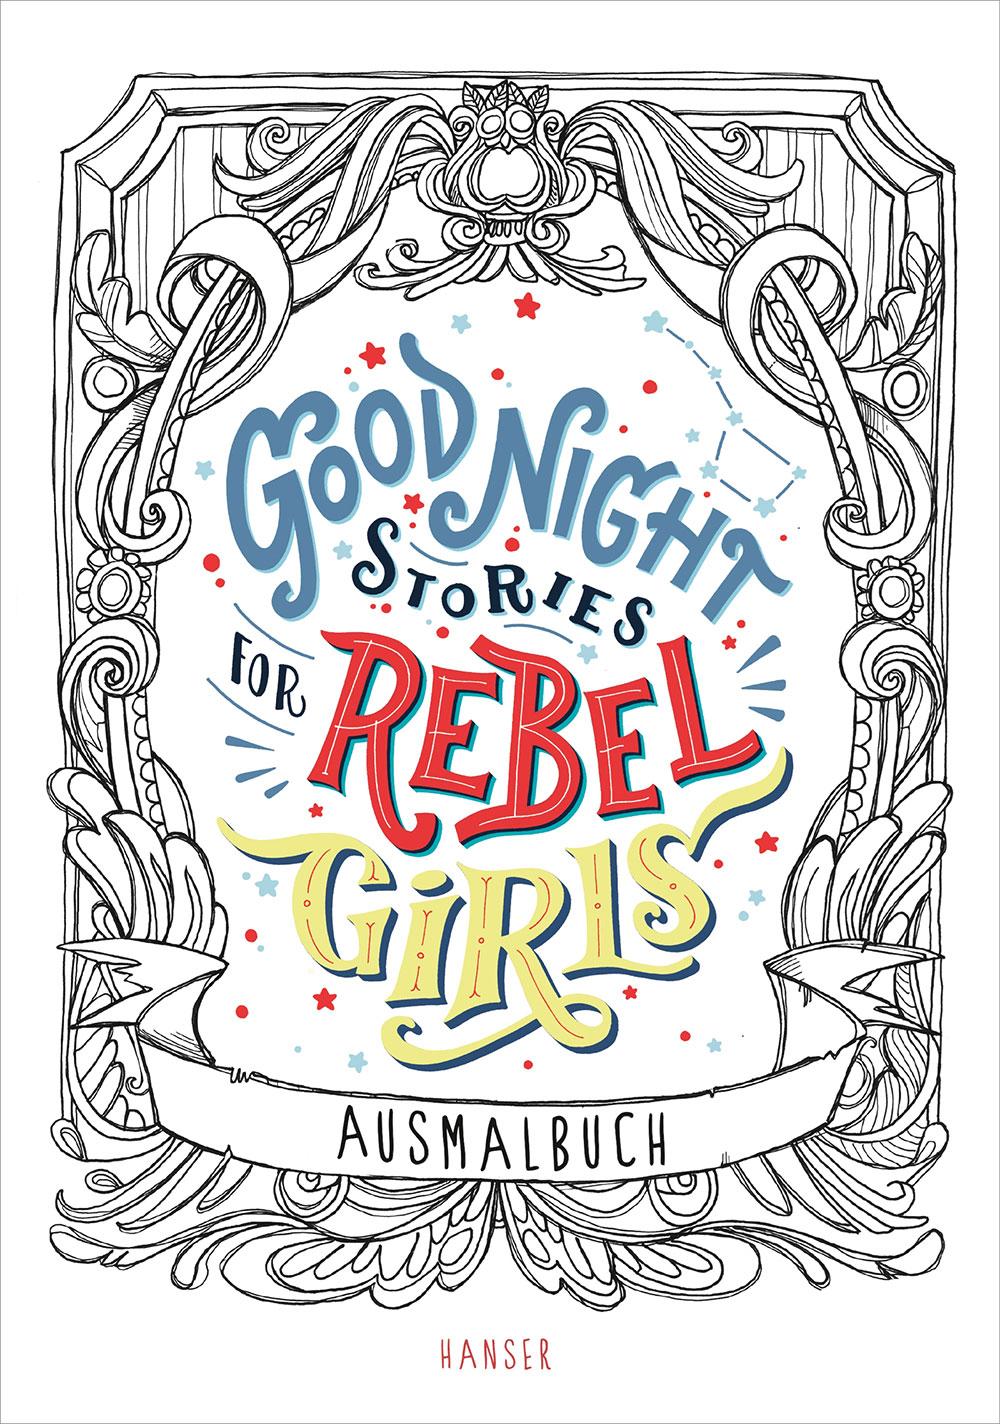 »Good Night Stories for Rebel Girls - Ausmalbuch« — Carl Hanser